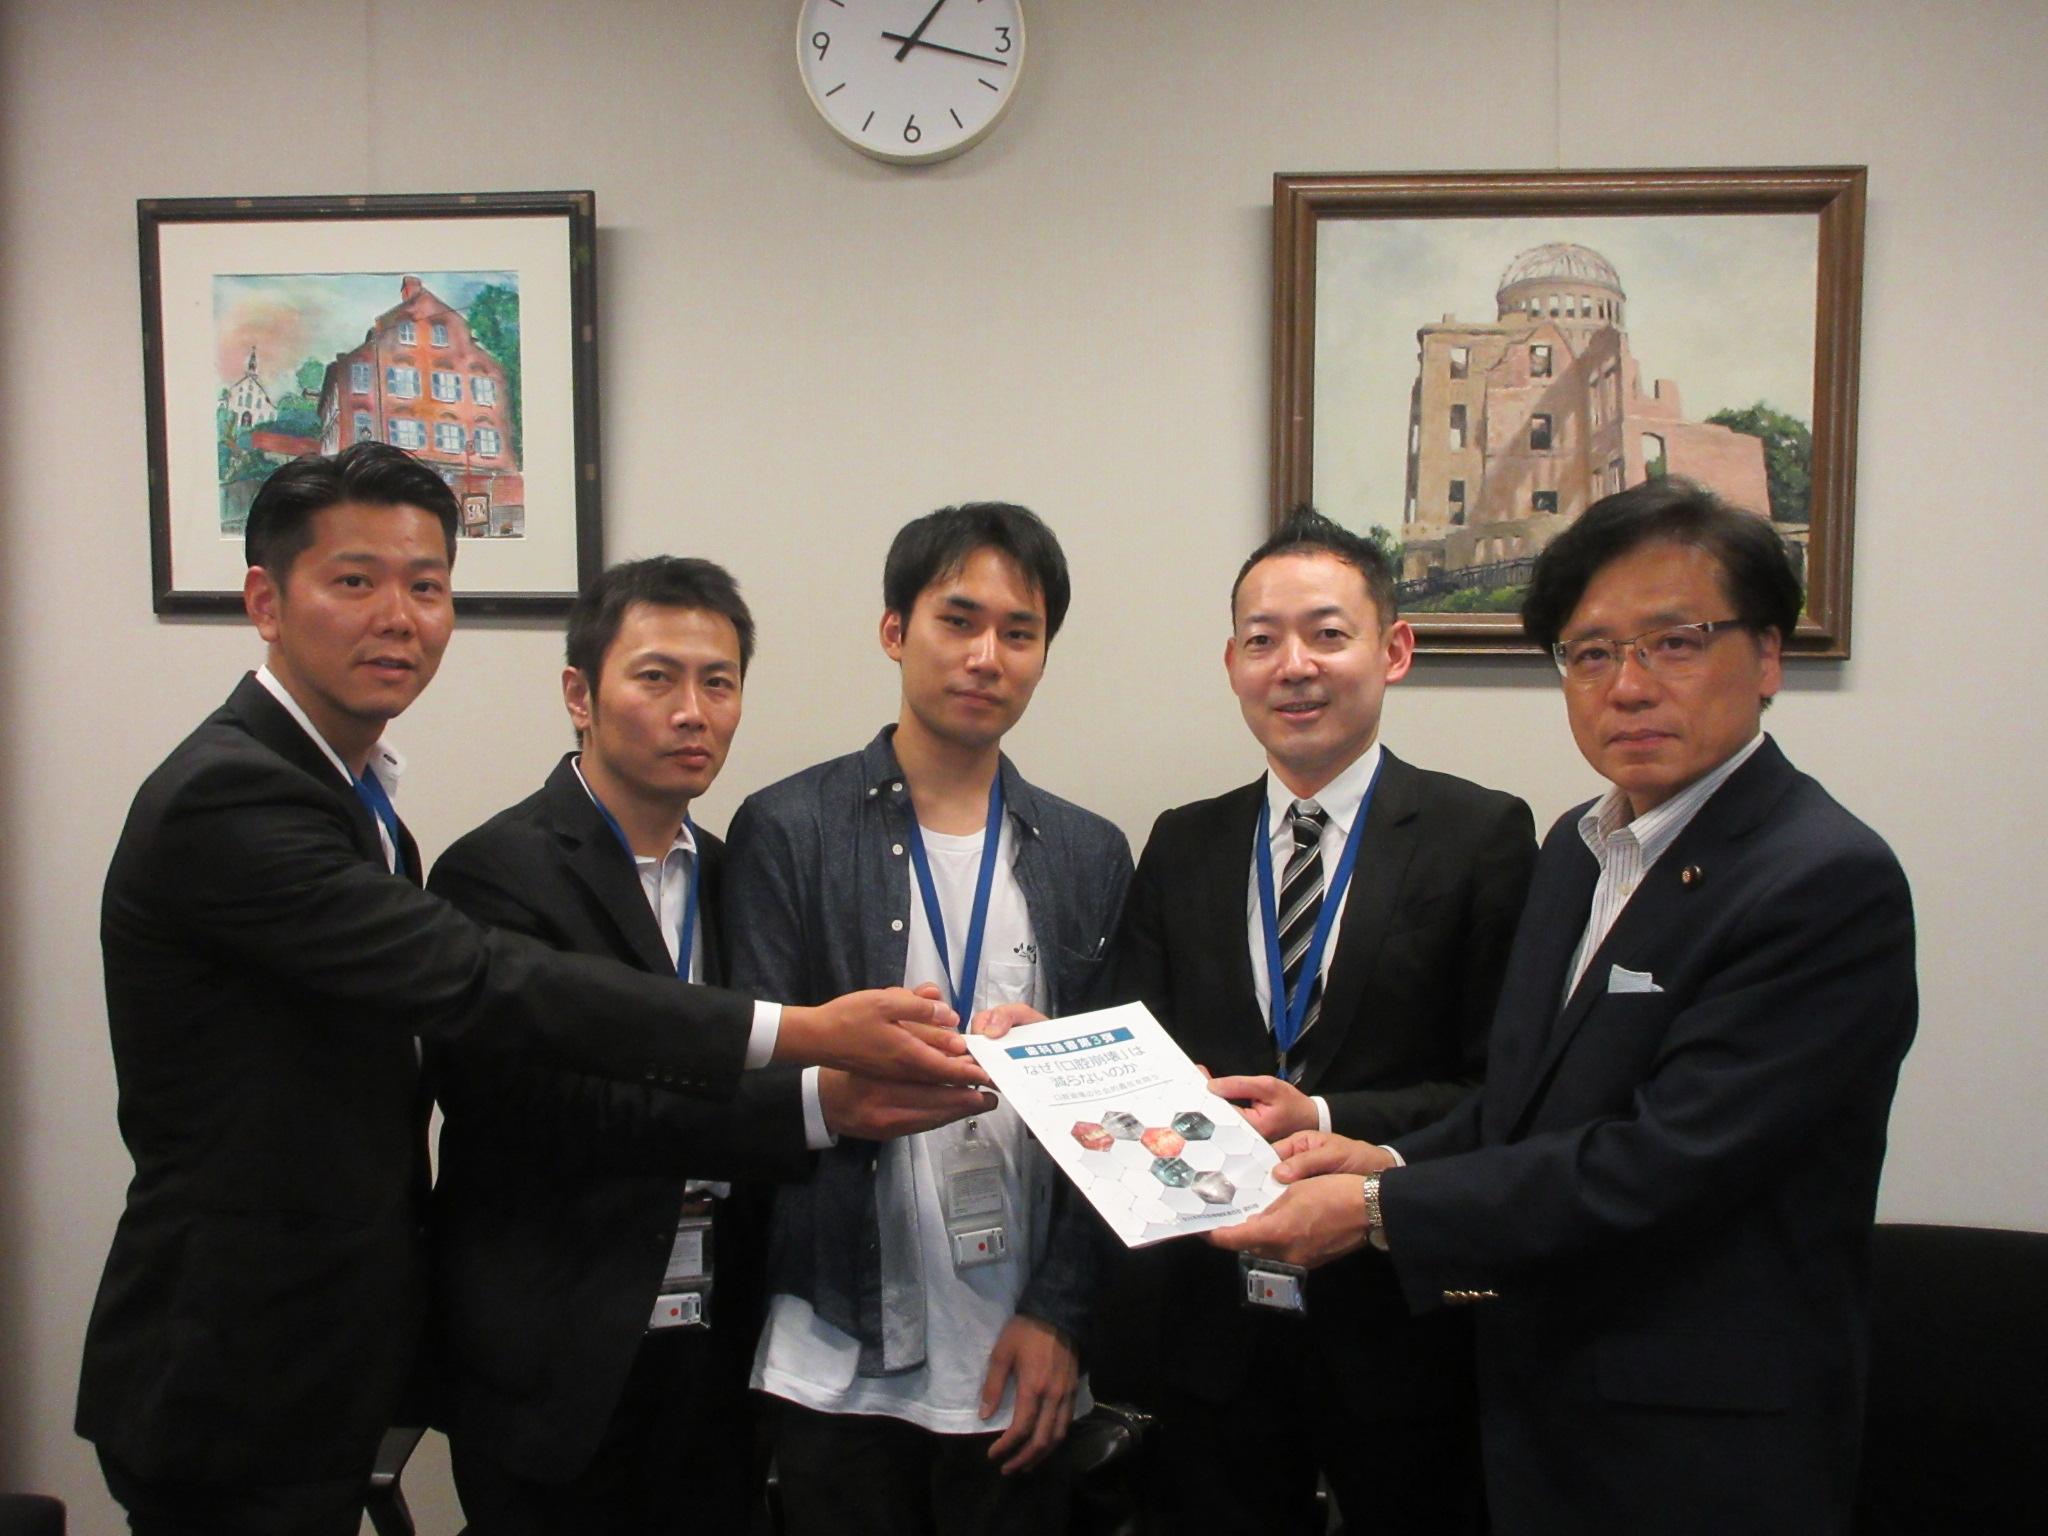 http://www.inoue-satoshi.com/diary/IMG_5274.JPG